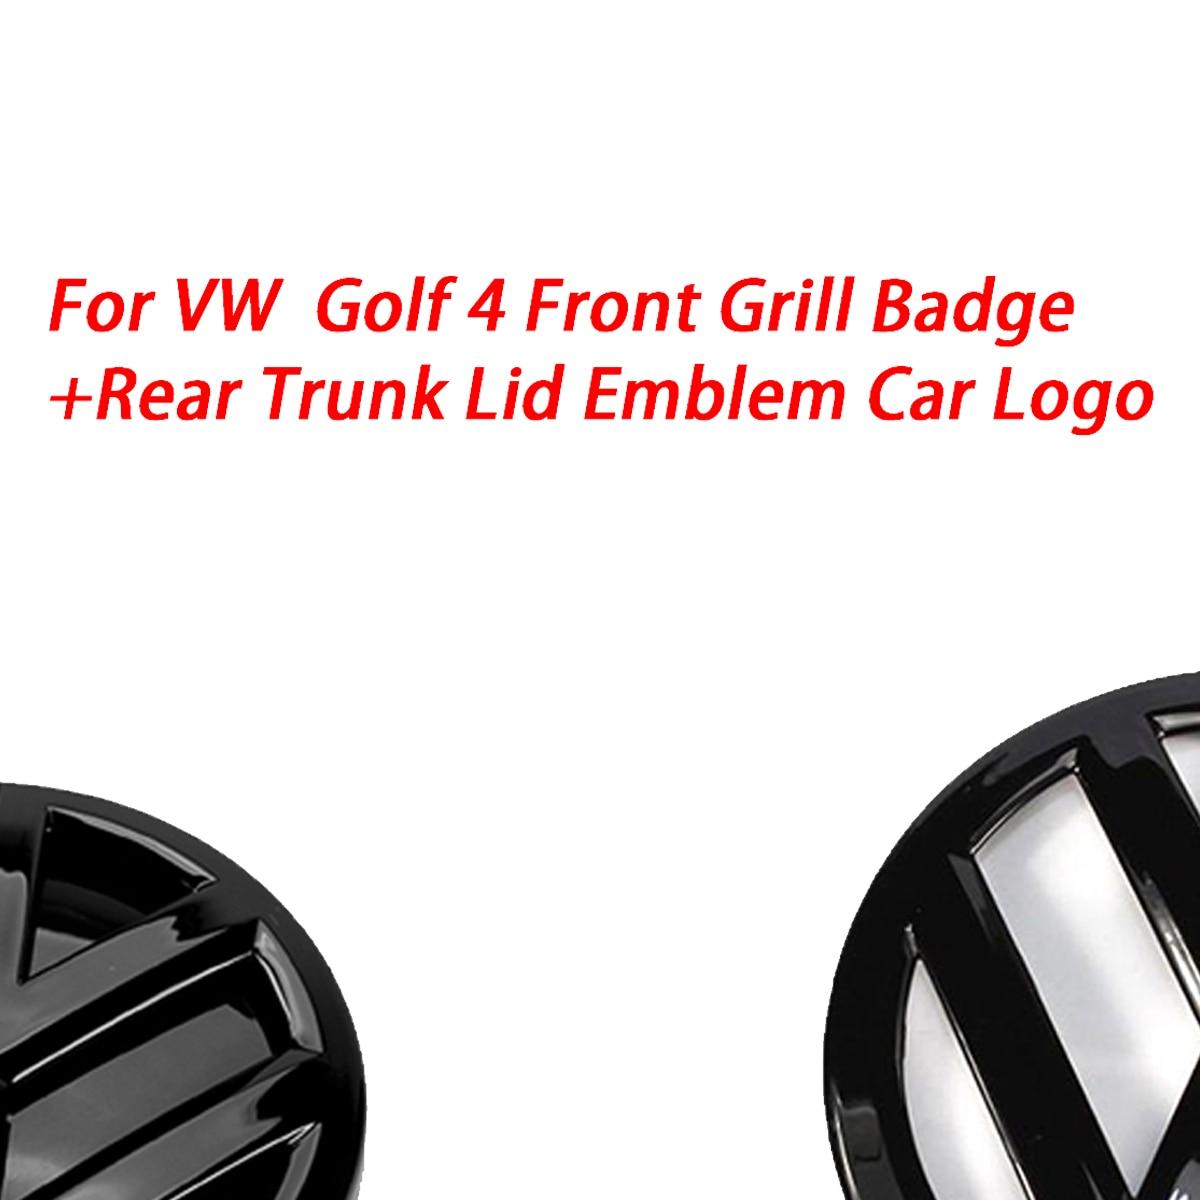 Блестящий черный значок 116 мм на переднюю решетку + 118 мм эмблема на заднюю крышку багажника, логотип автомобиля подходит для VW Volkswagen Golf MK4 ...